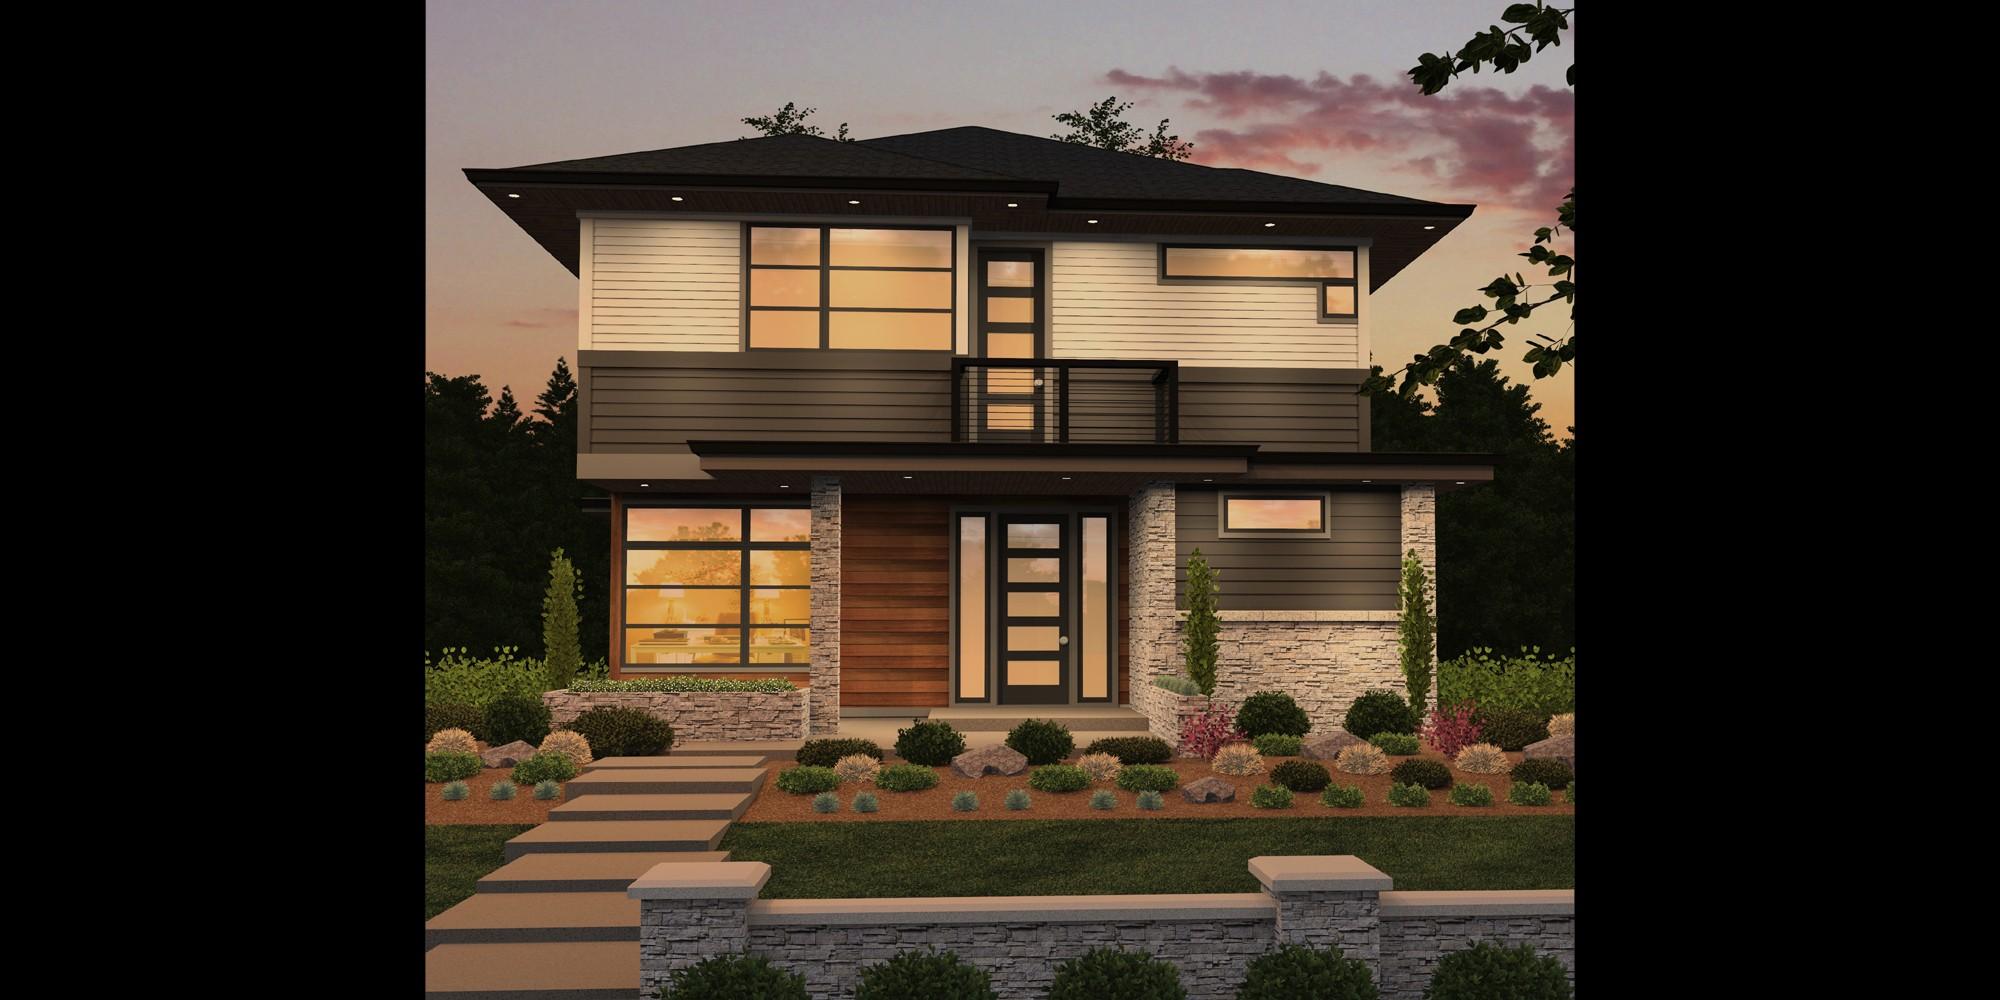 House Plans | Modern Home Floor Plans U0026 Unique Farmhouse Designs